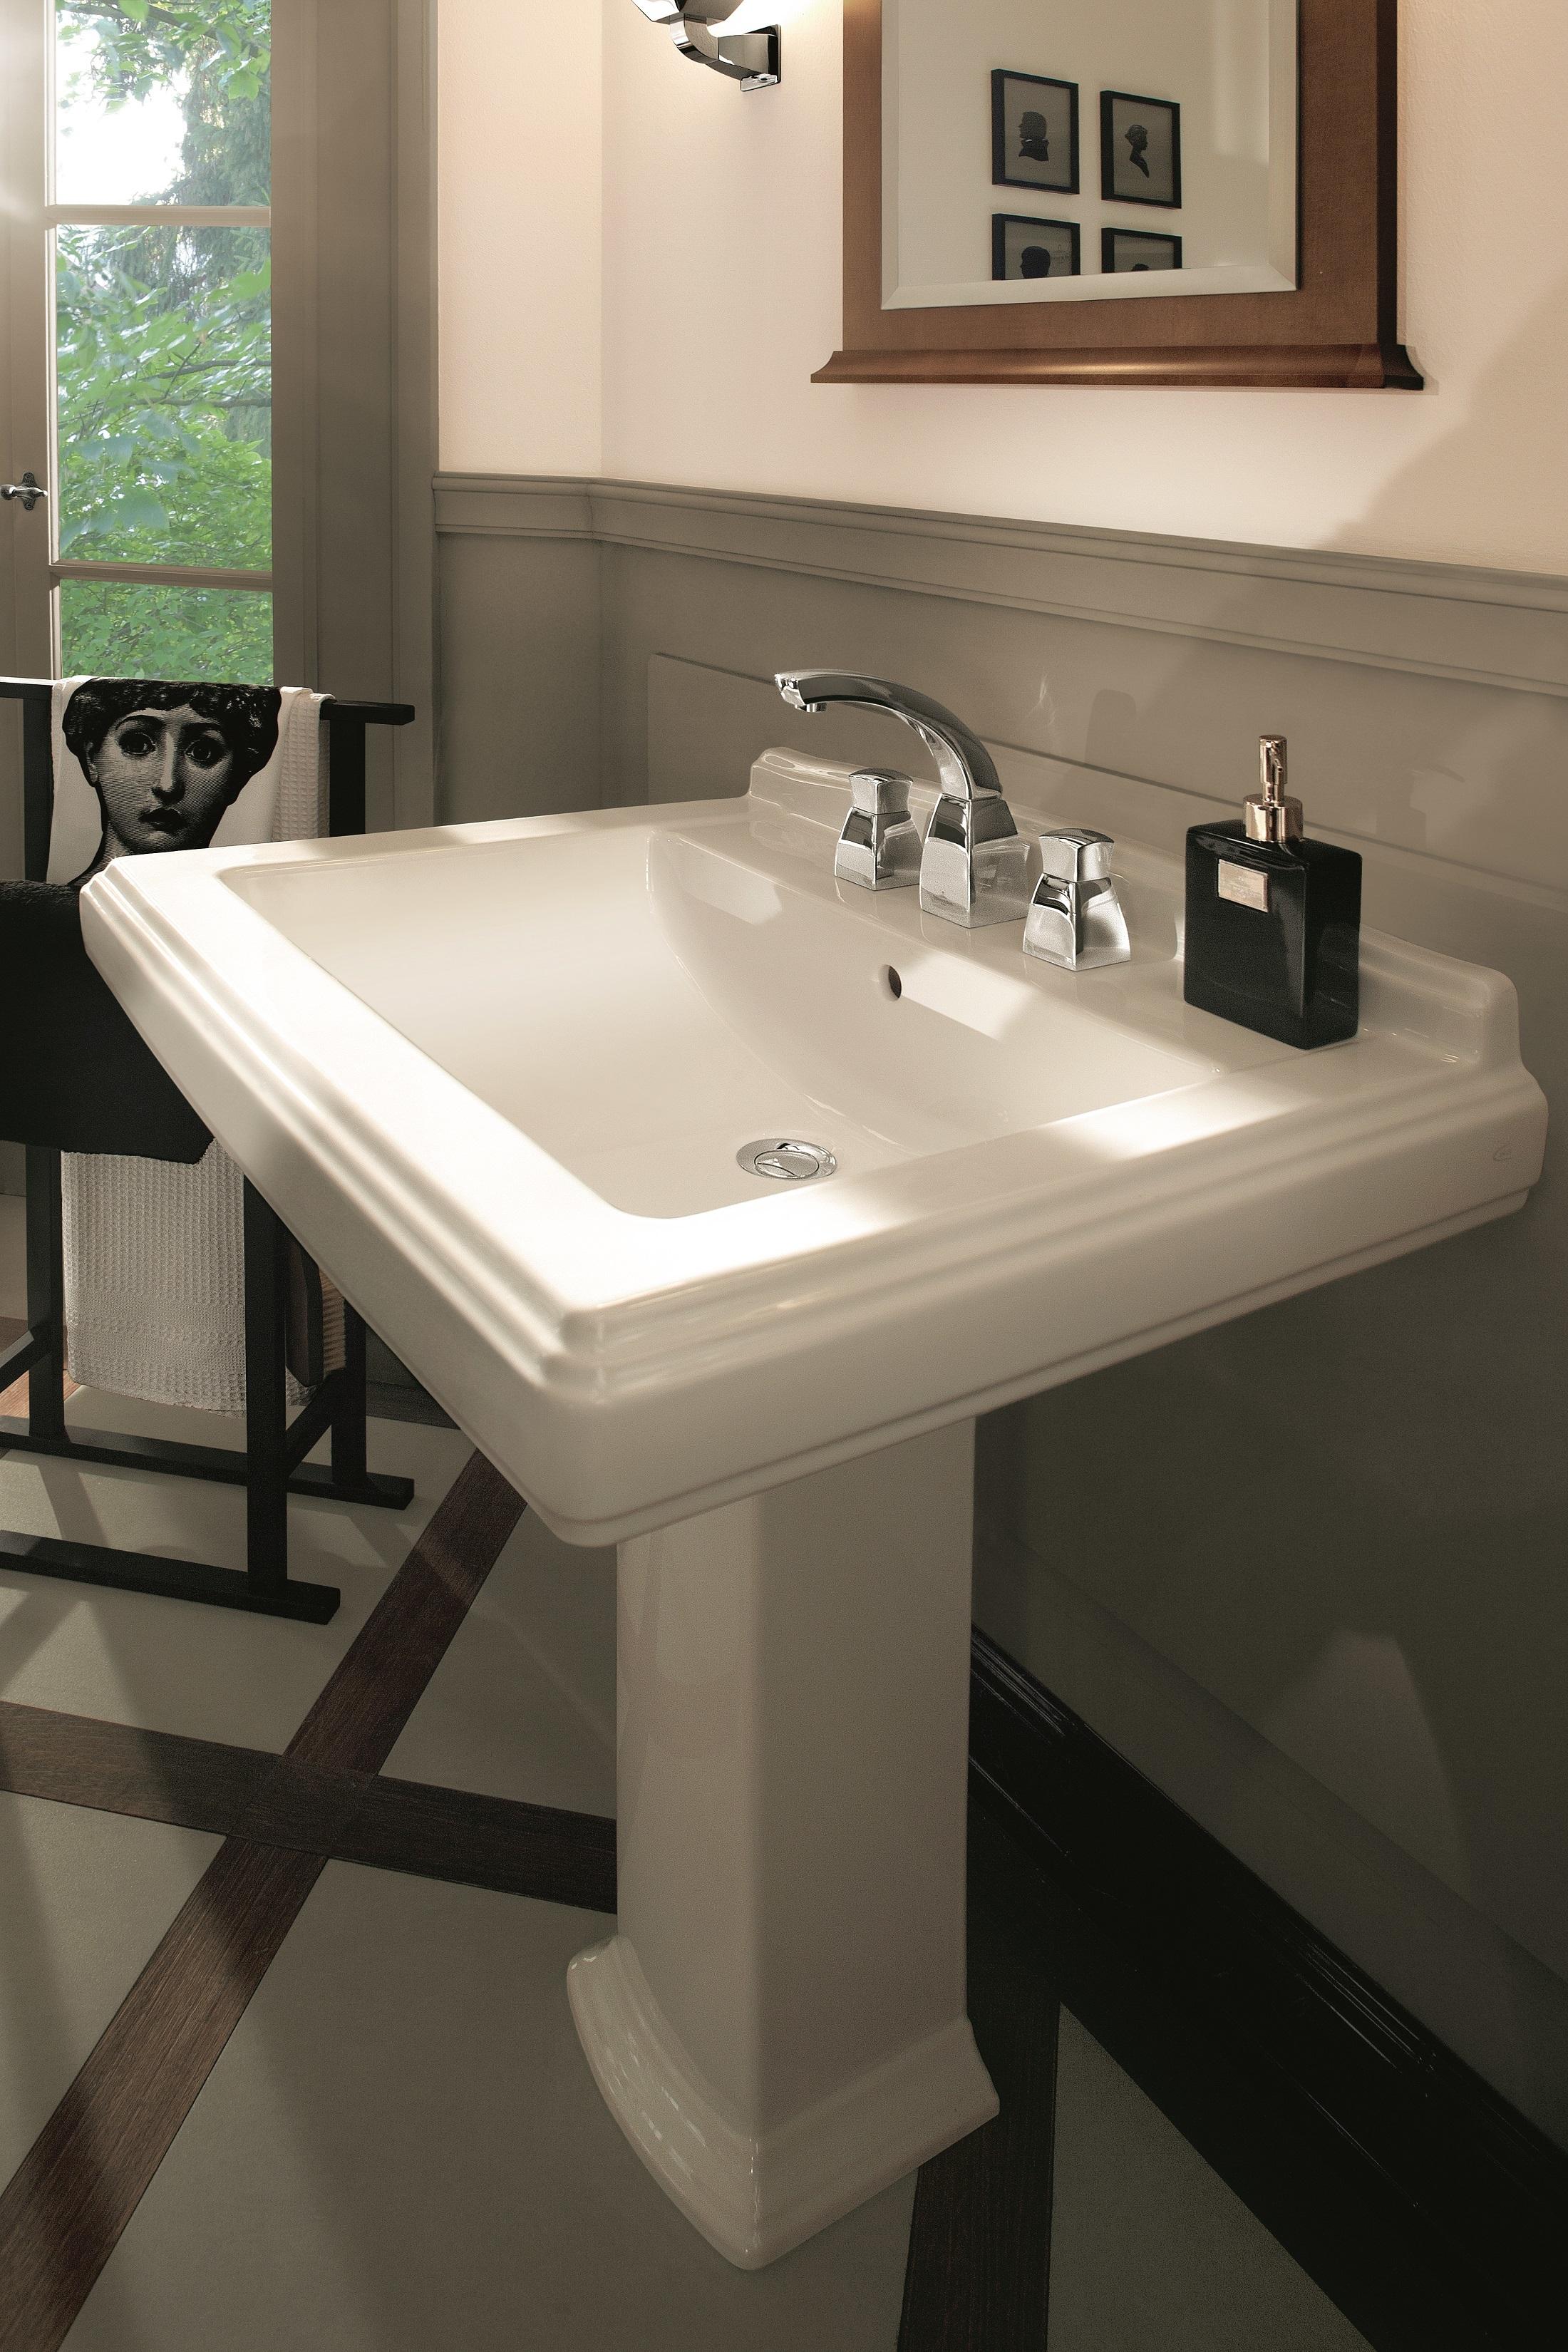 waschtisch hommage 710175 von villeroy boch bad. Black Bedroom Furniture Sets. Home Design Ideas